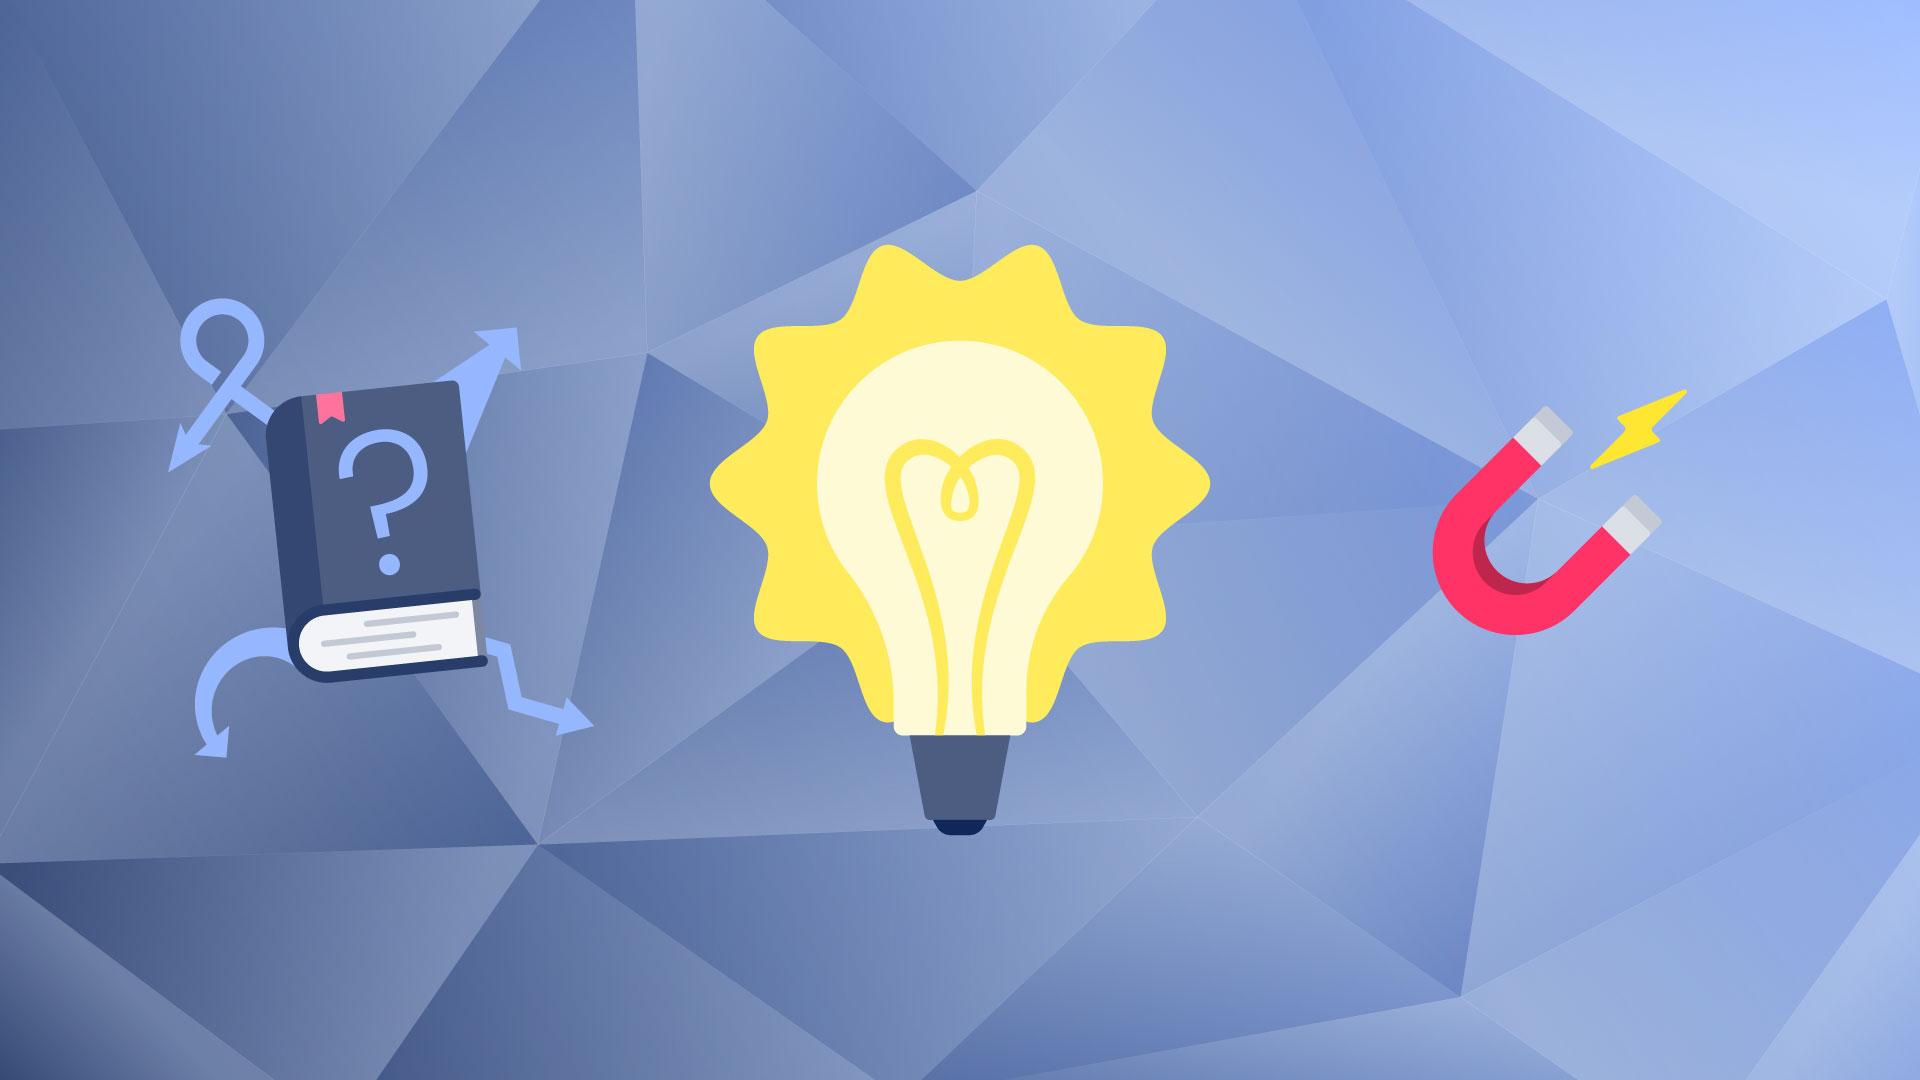 digital marketing ideas social media